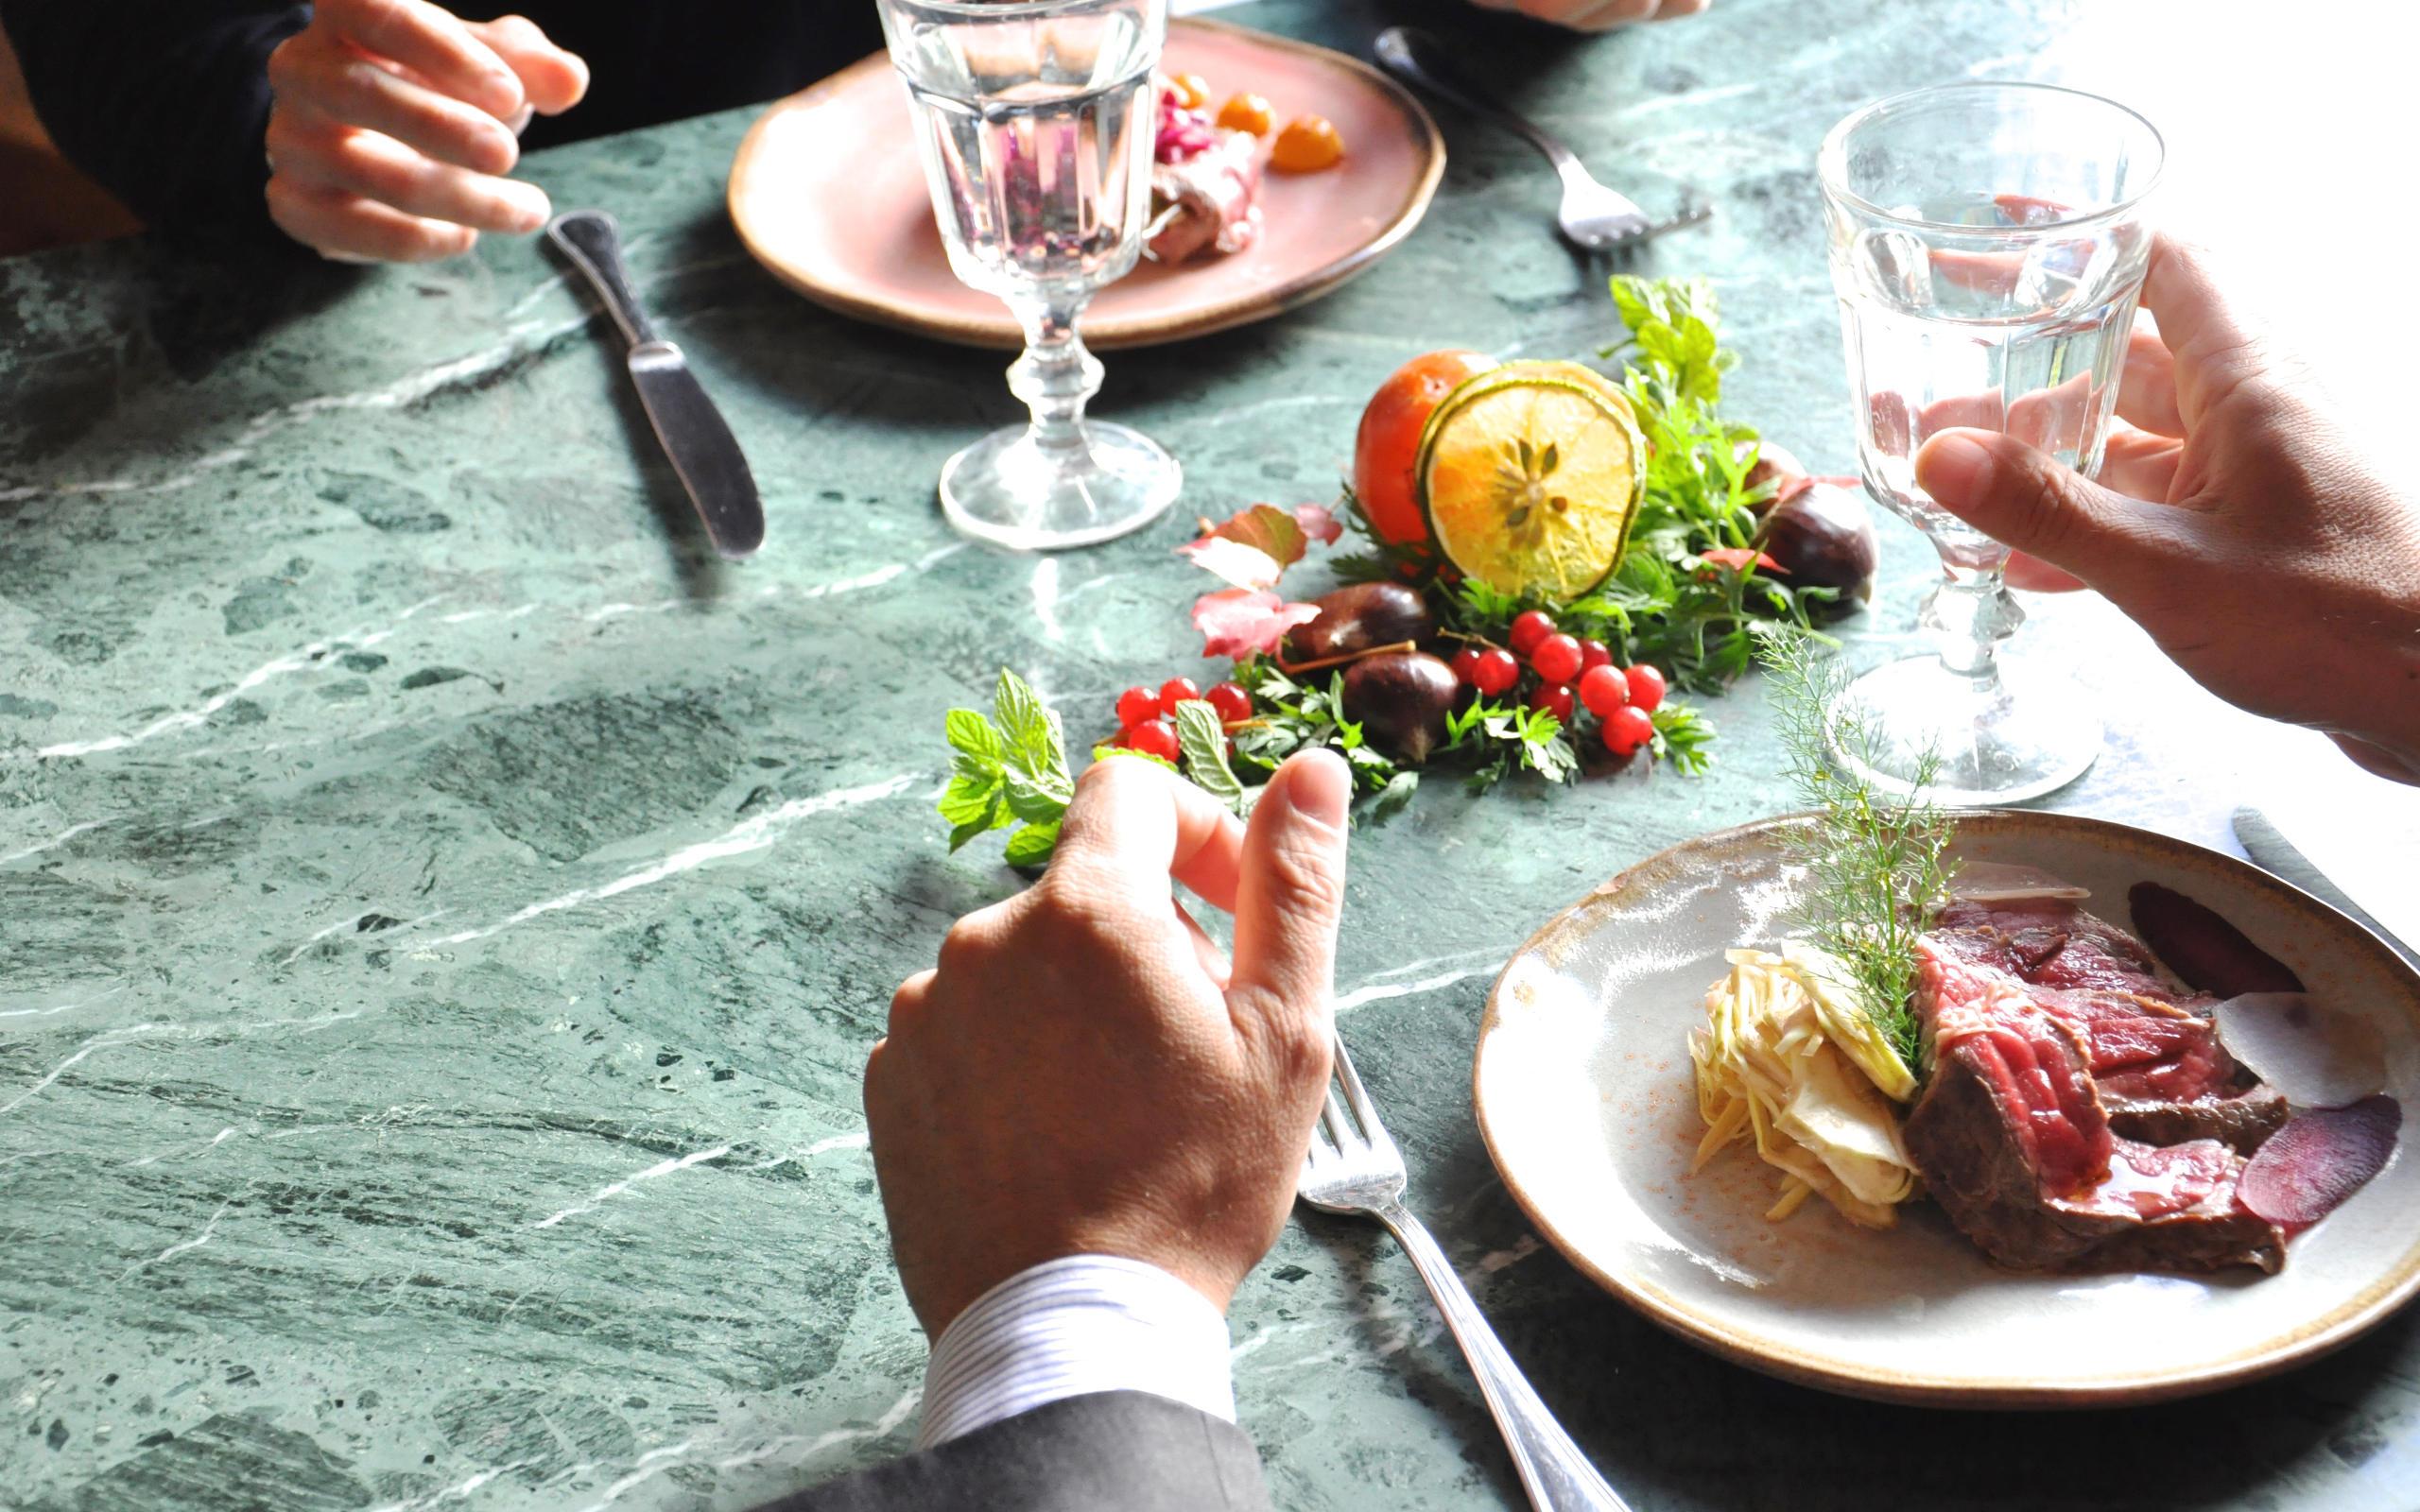 A tavola - ©Paola Ciambruschini